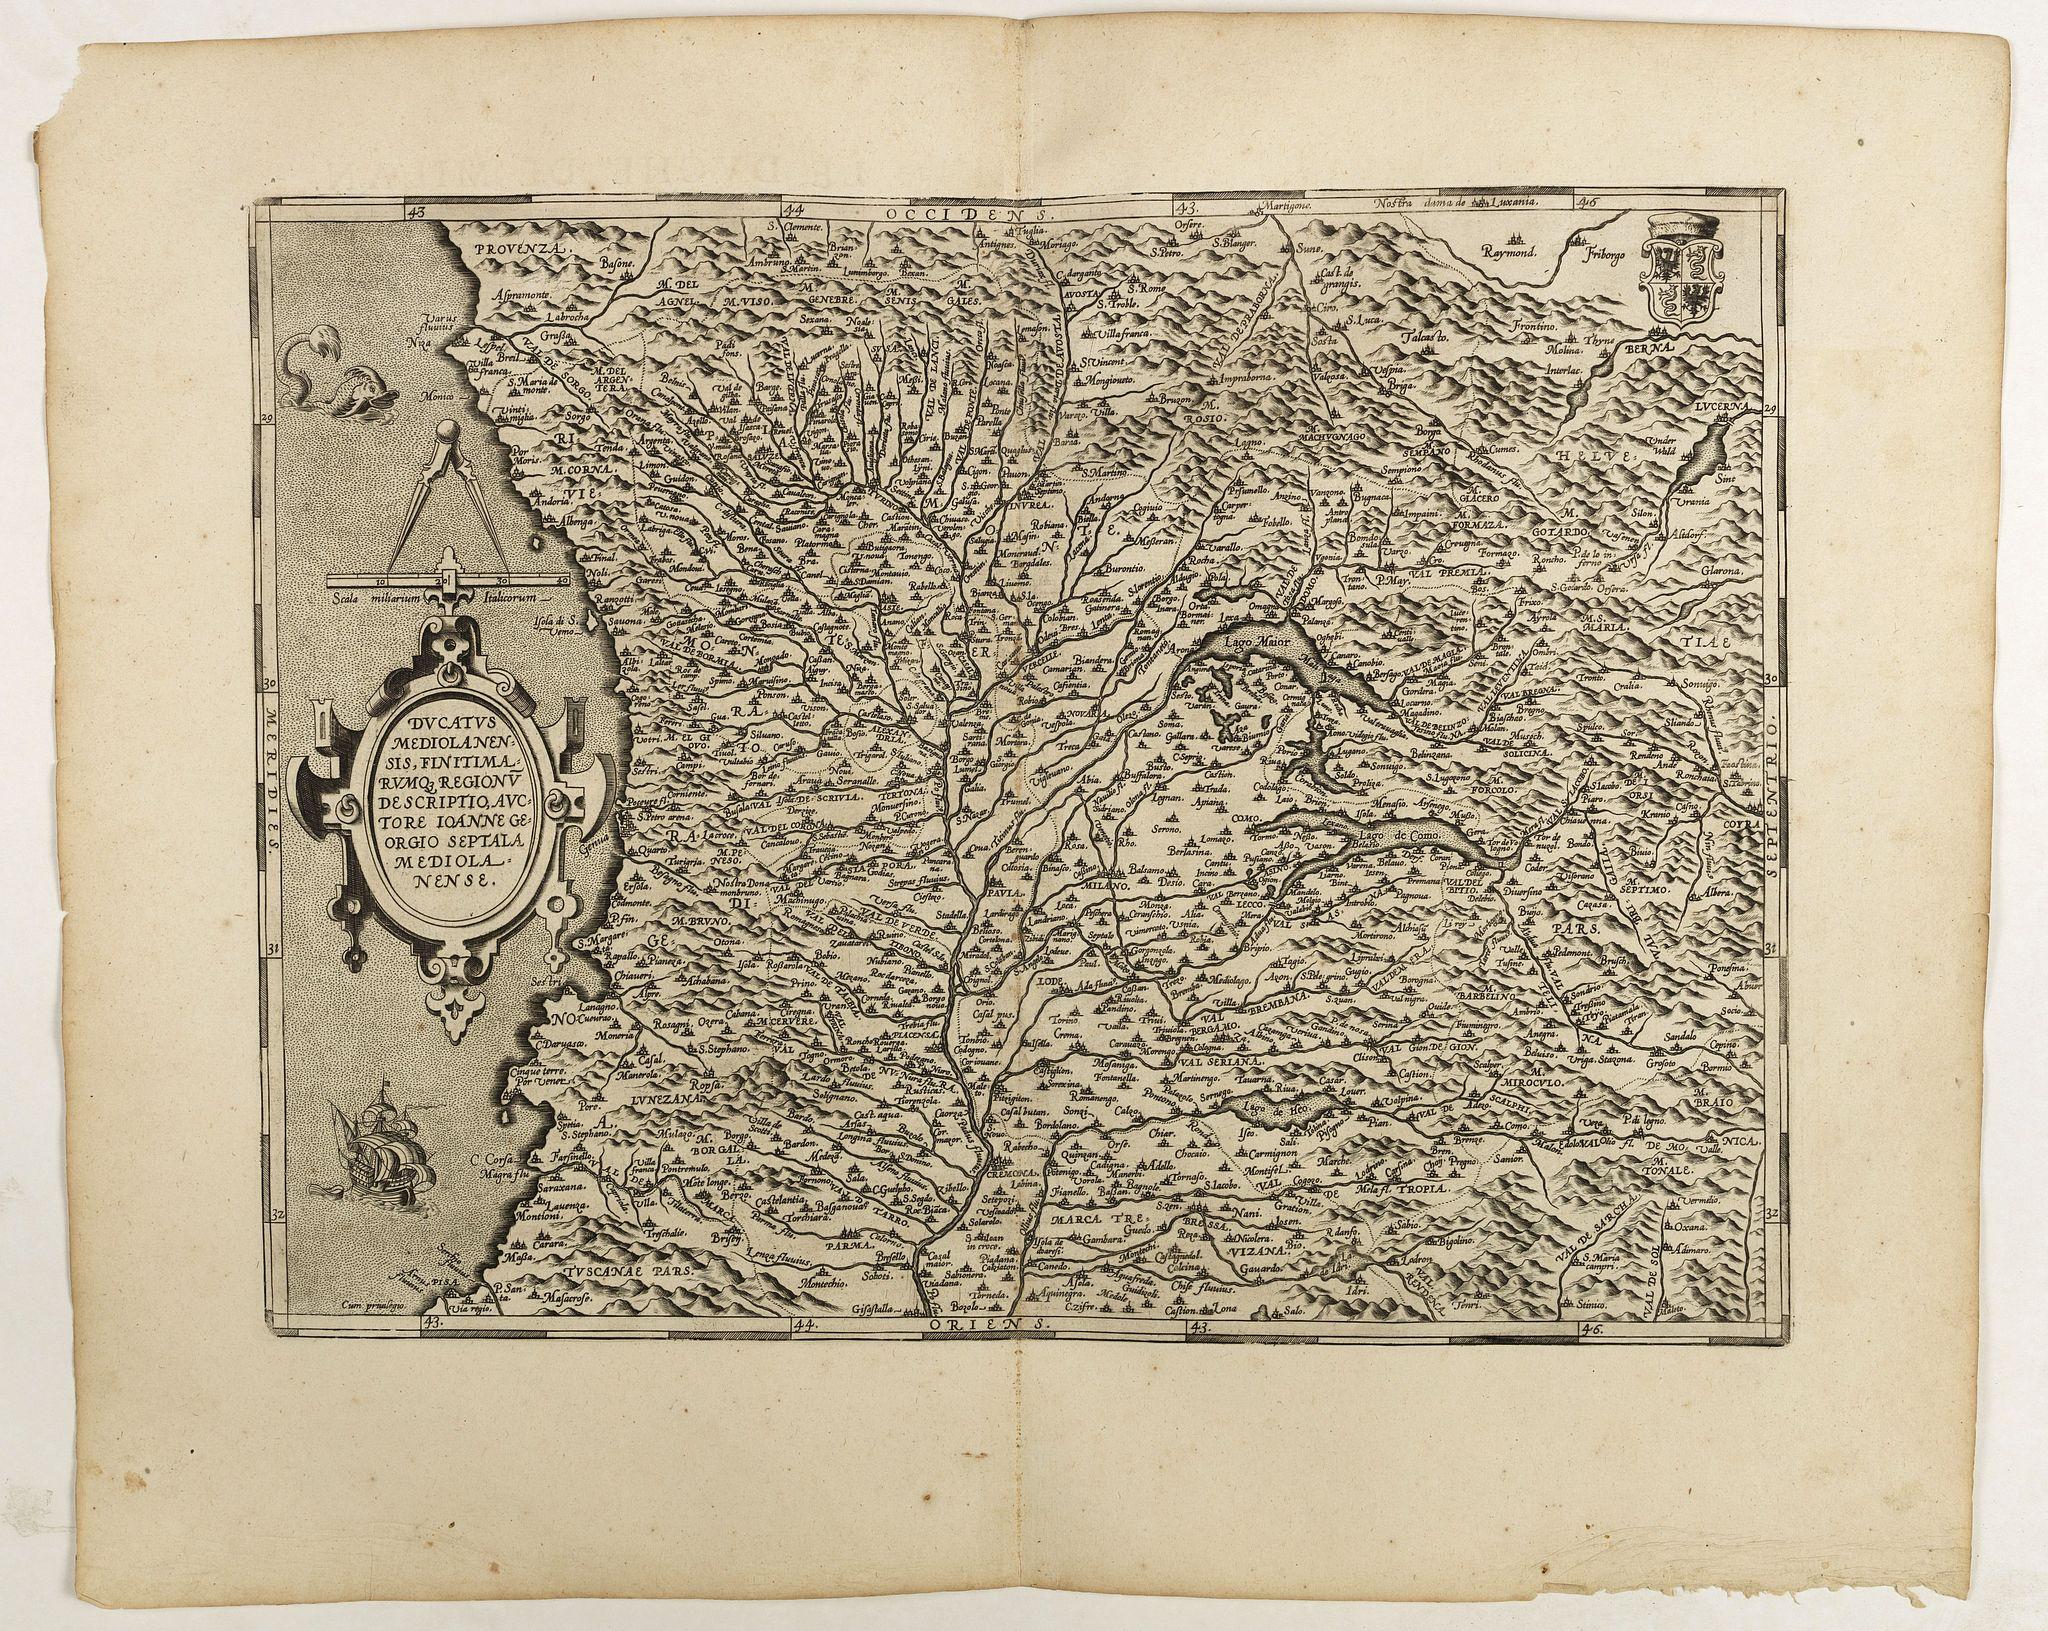 ORTELIUS, A. -  Ducatus Mediolanensis.